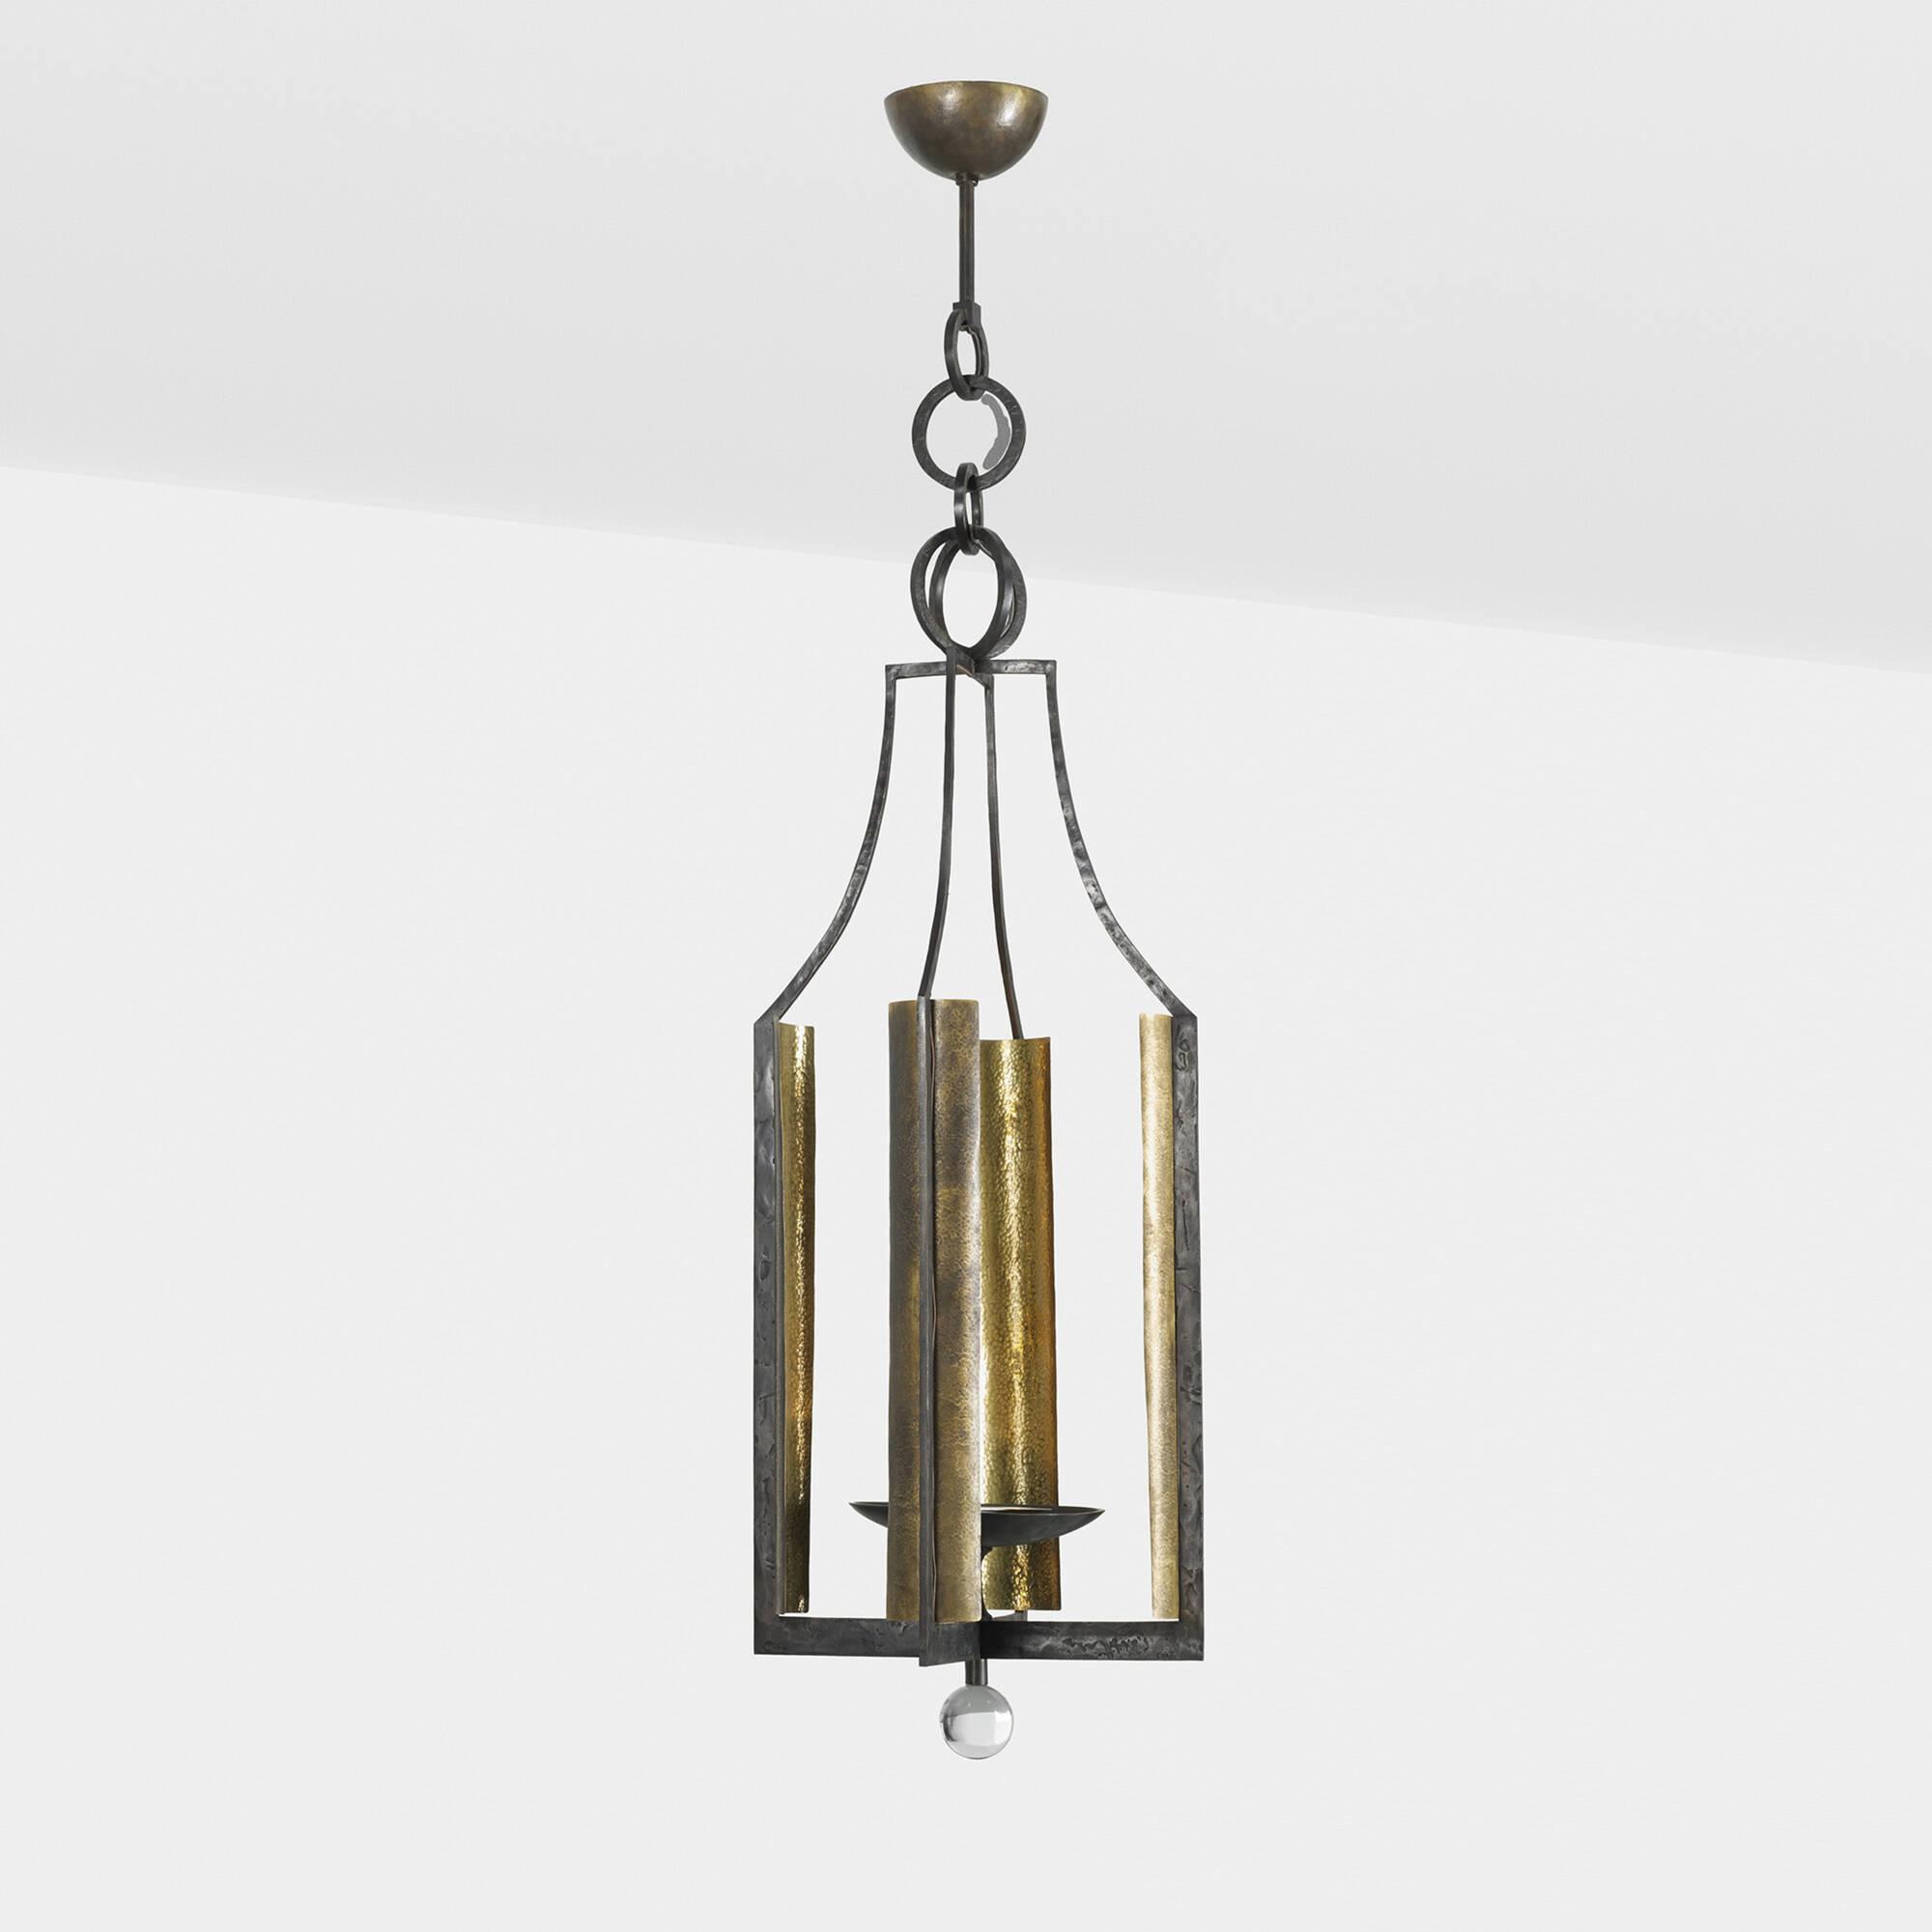 389: Hervé Van der Straeten / chandelier from a Robert Couturier Interior (1 of